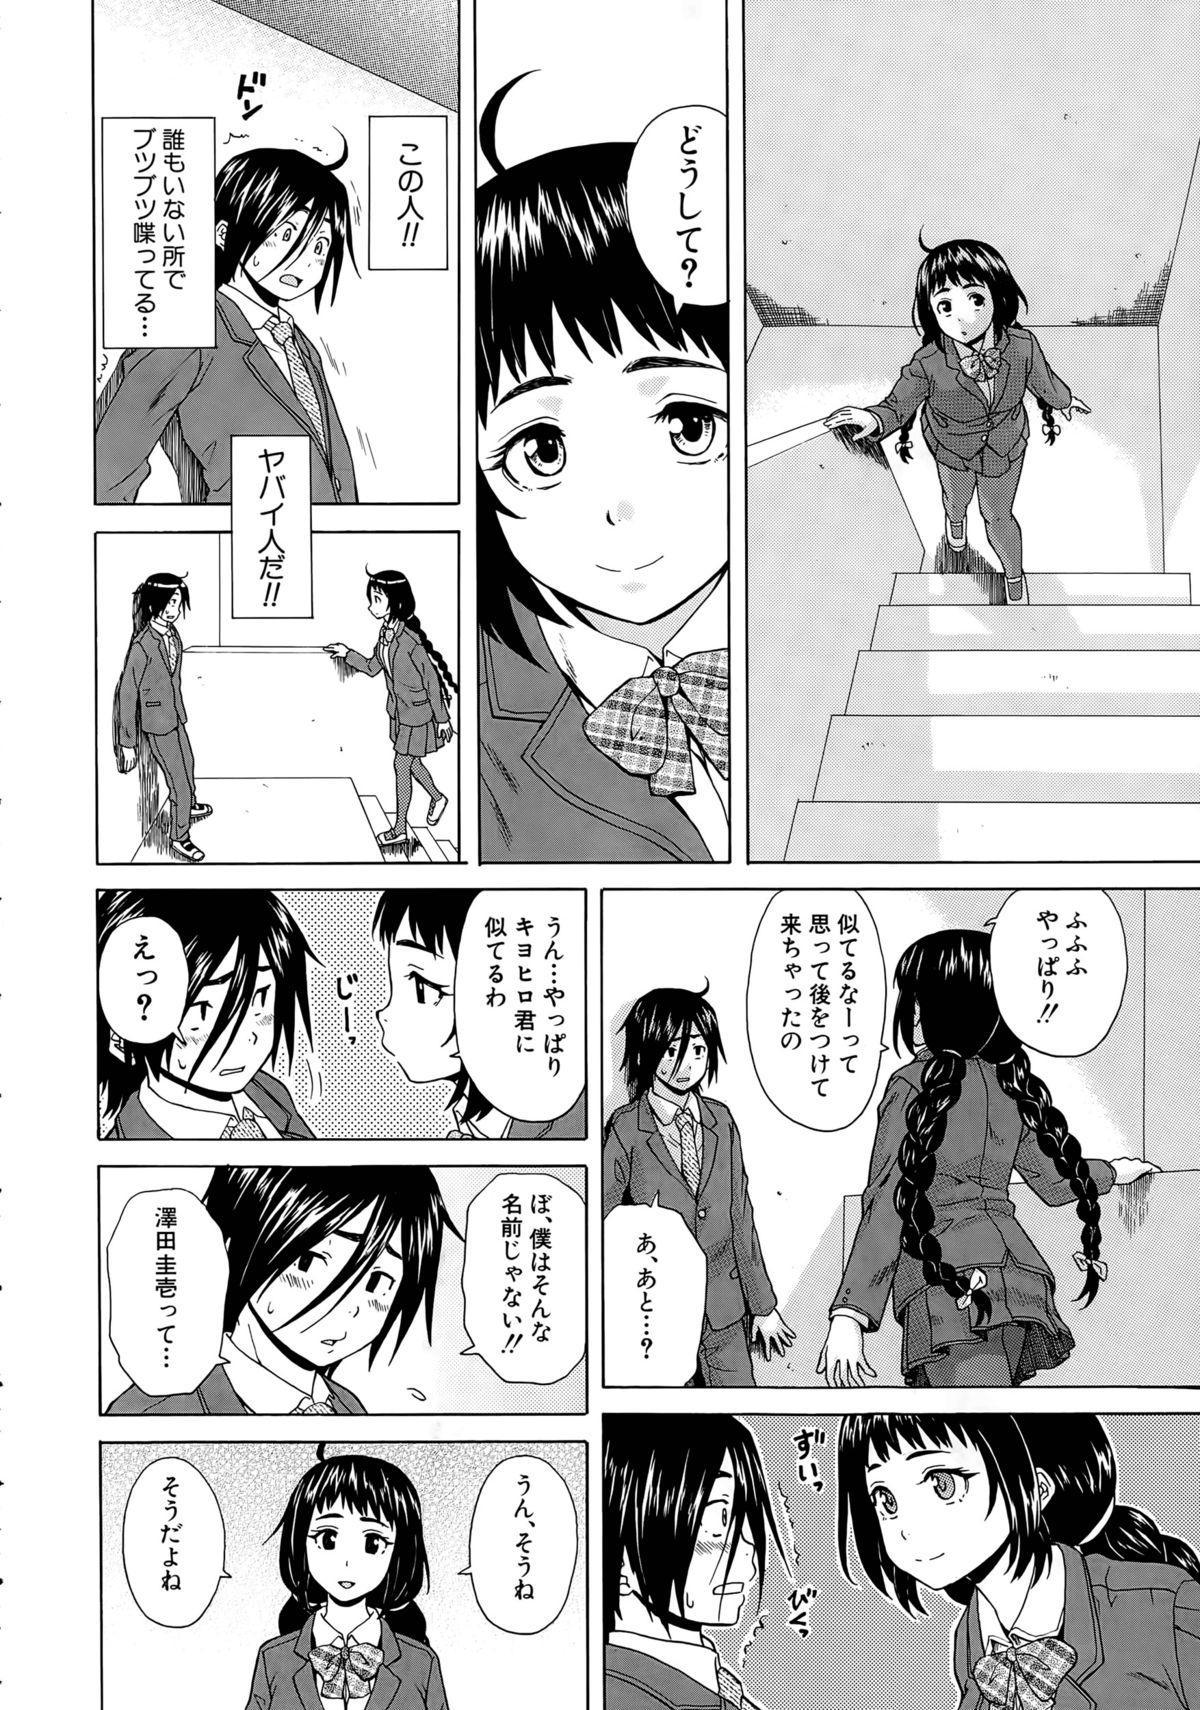 Boku to Kanojo to Yuurei to Ch. 1-3 7